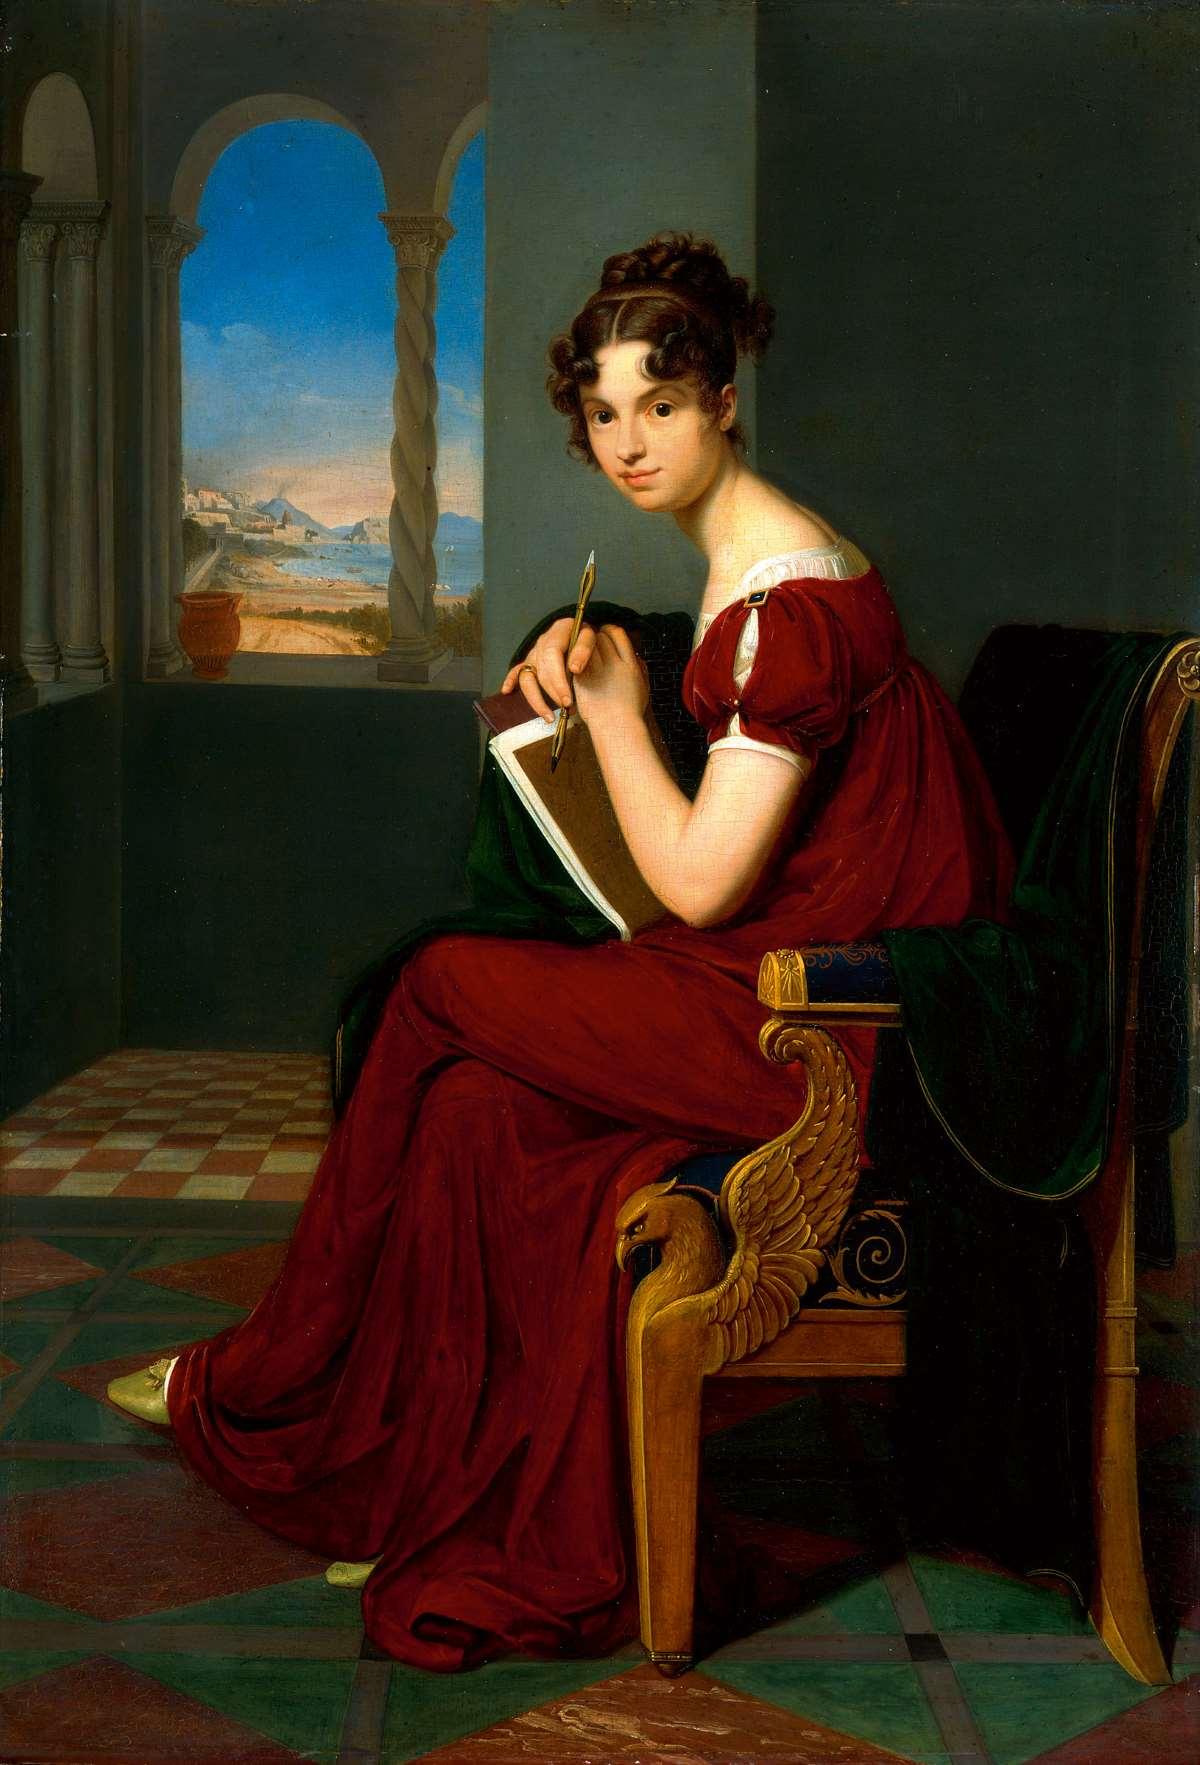 Carl Christian Vogel von Vogelstein, Junge Dame mit Zeichengerät, 1816, 70×48,5 cm